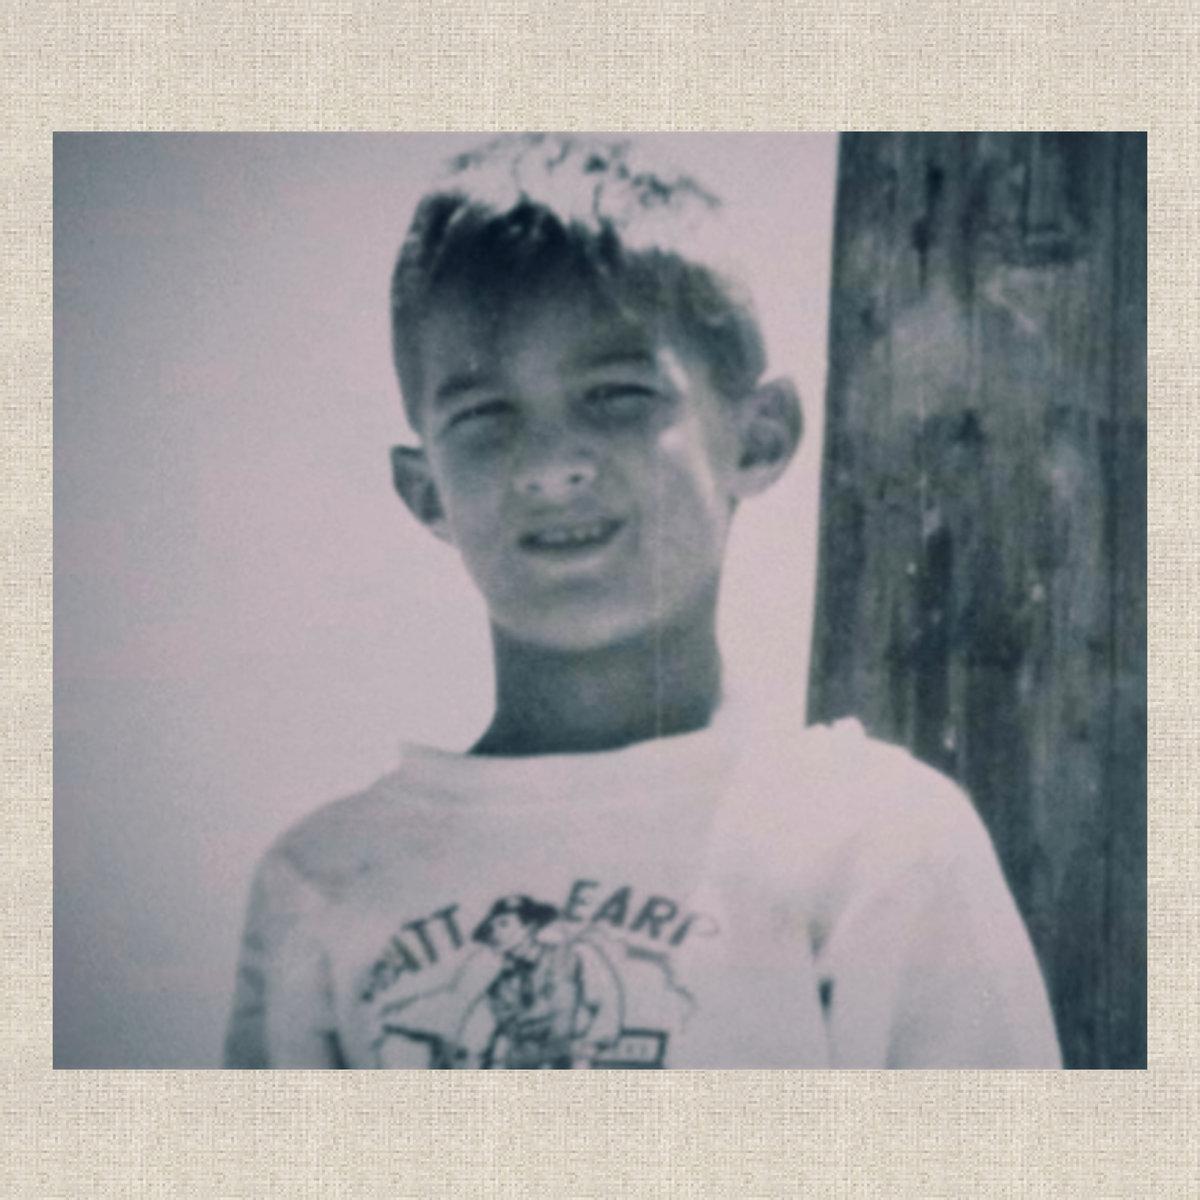 Стивен сигал в юности фото